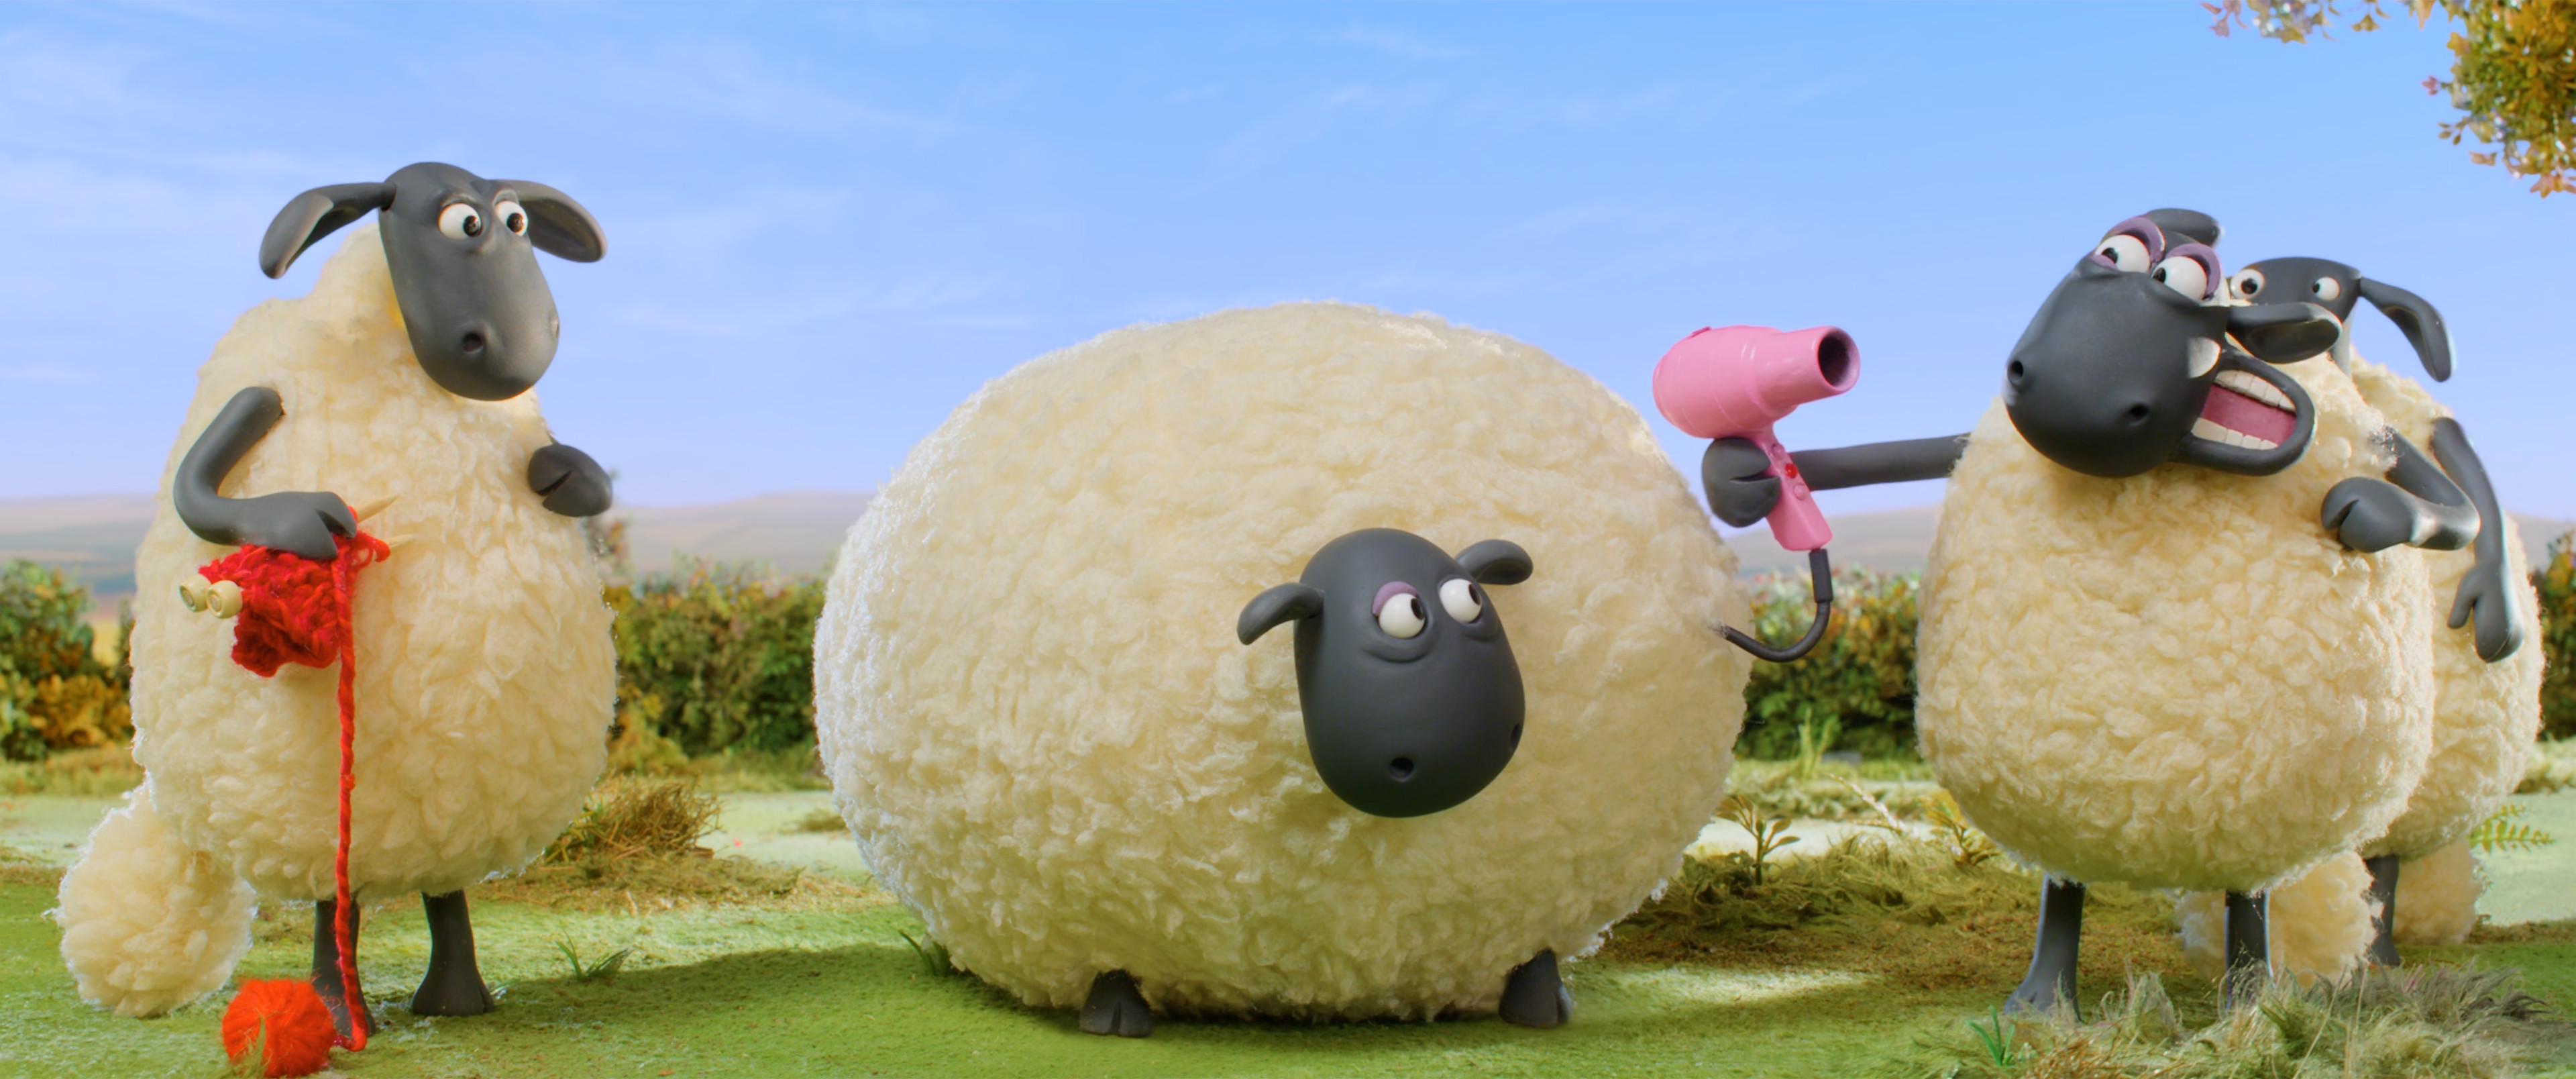 les moutons faisant les couillons